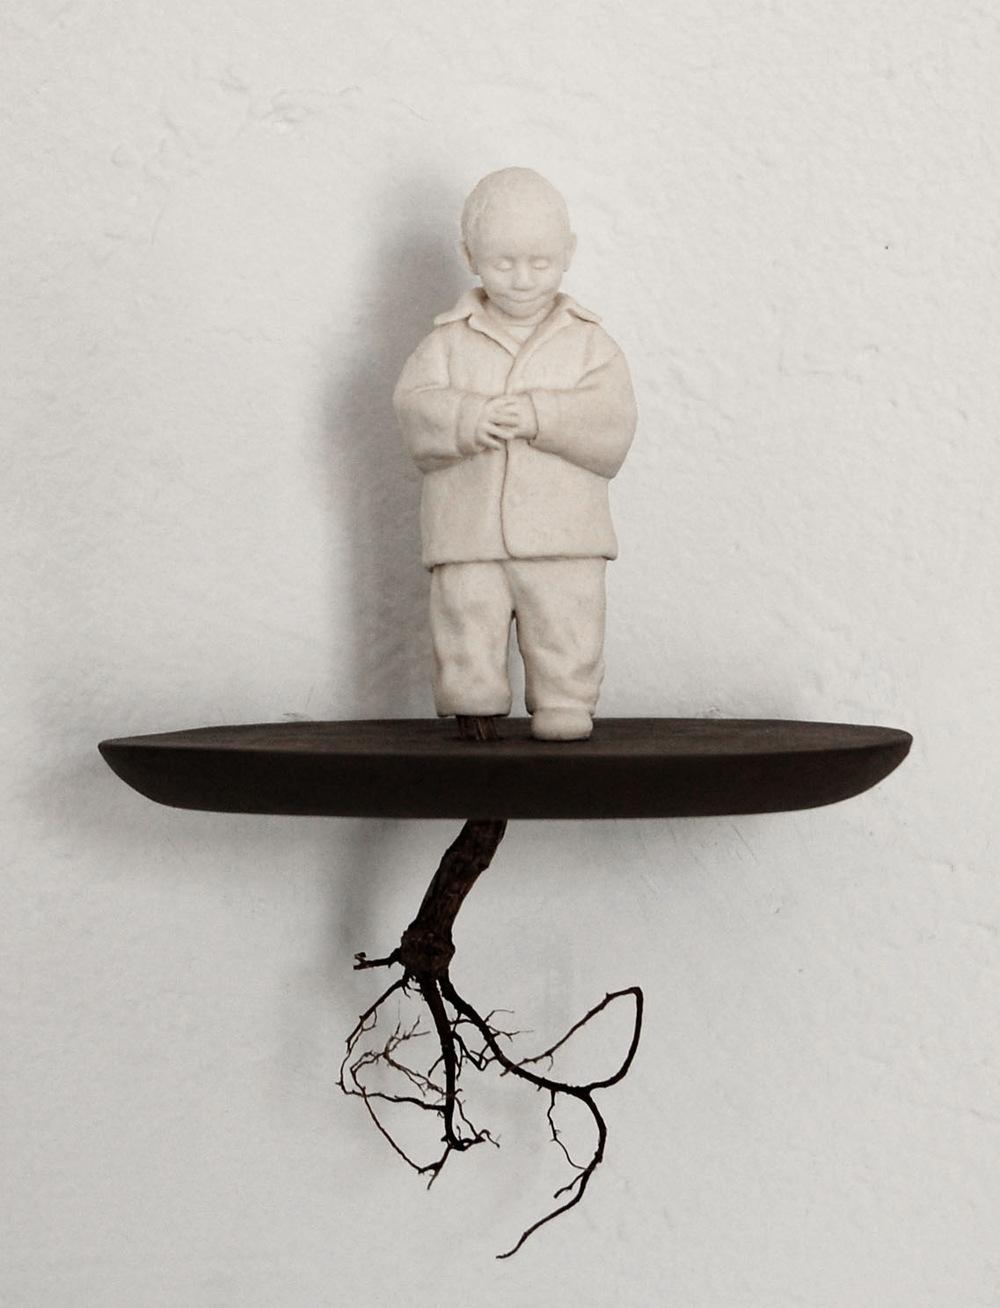 Lina Eriksson-keramikkonstnär - Porcelain, earthenware, root. H:18cm